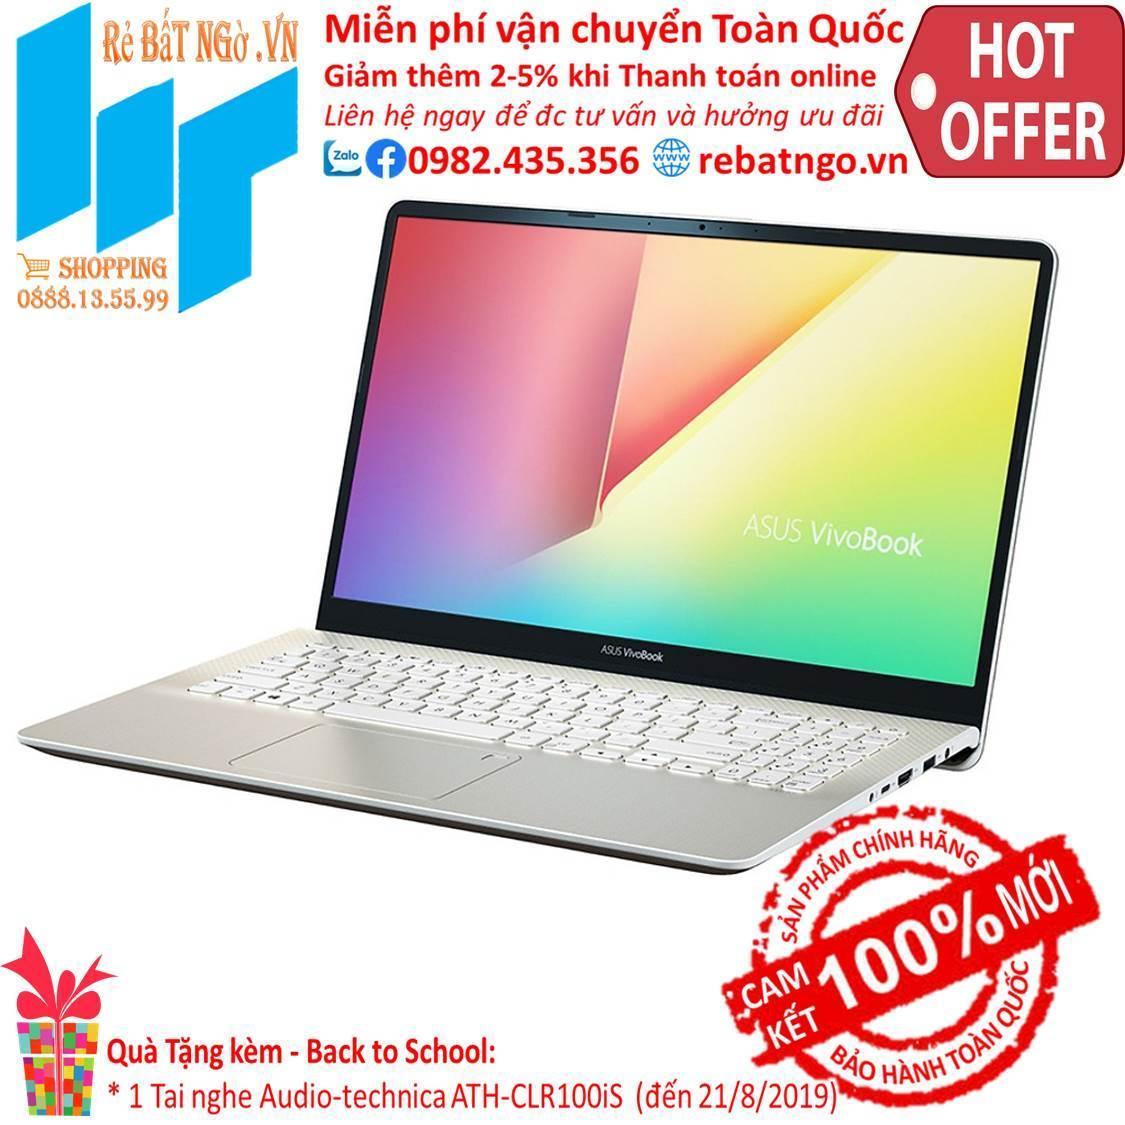 Laptop ASUS VivoBook S15 S530FA-BQ066T 15.6 inch FHD-i5-8265U-4GB-1TB HDD-UHD 620-Win10-1.8...